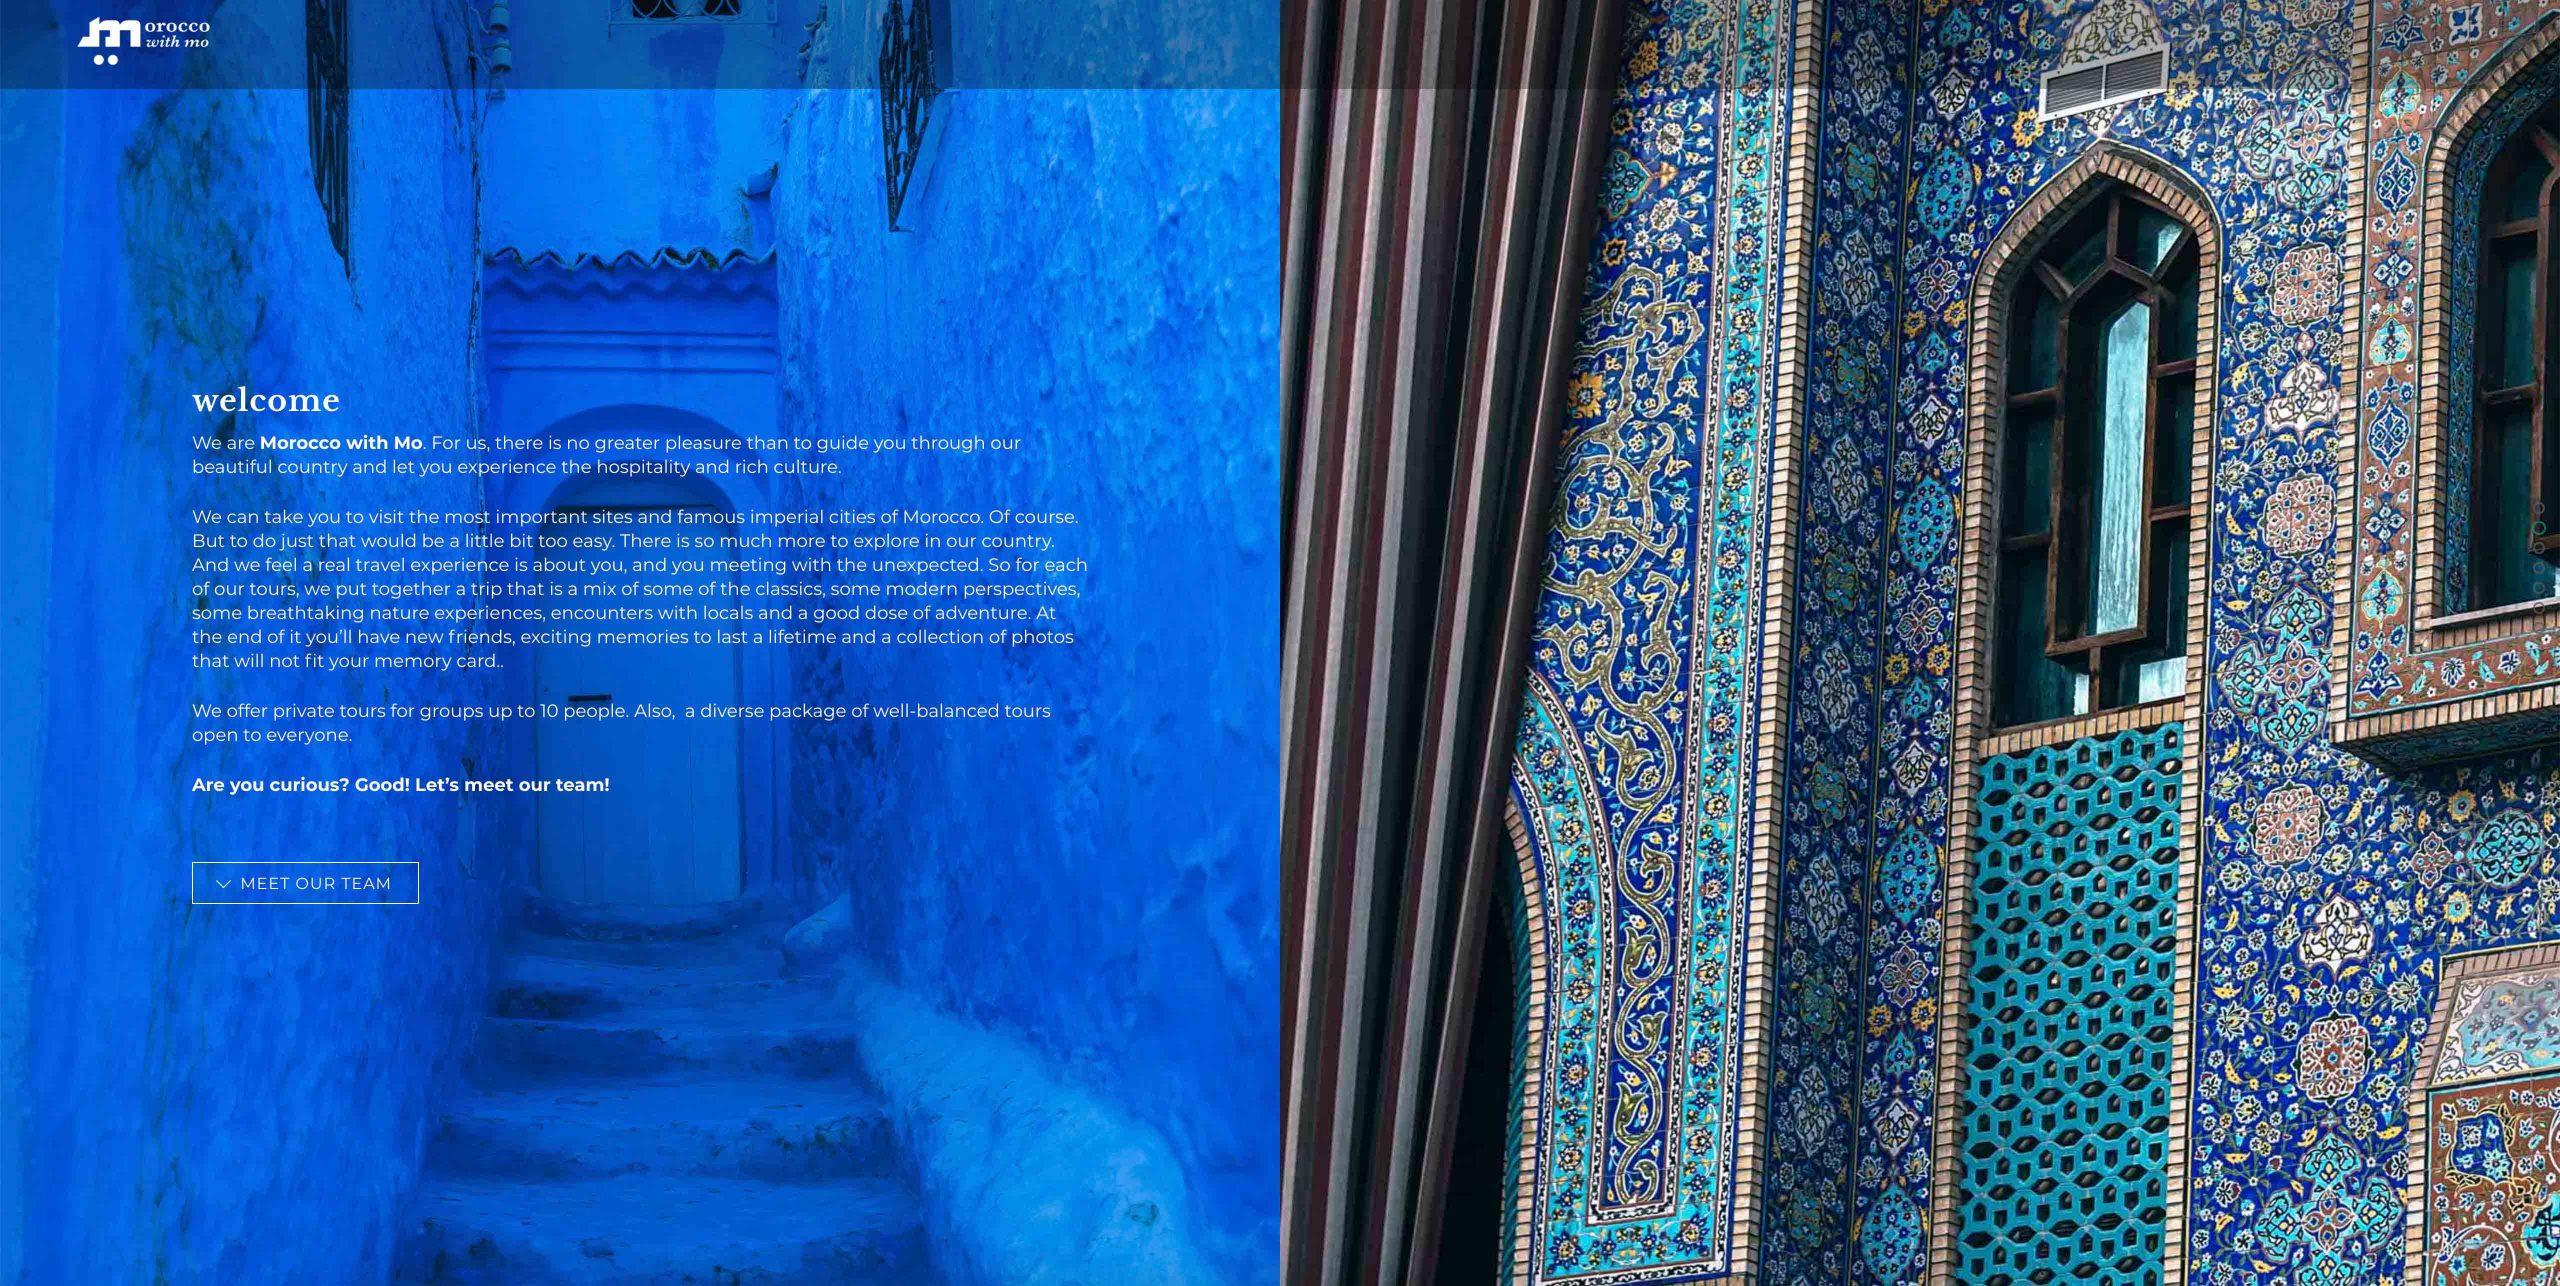 Moroccowithmo